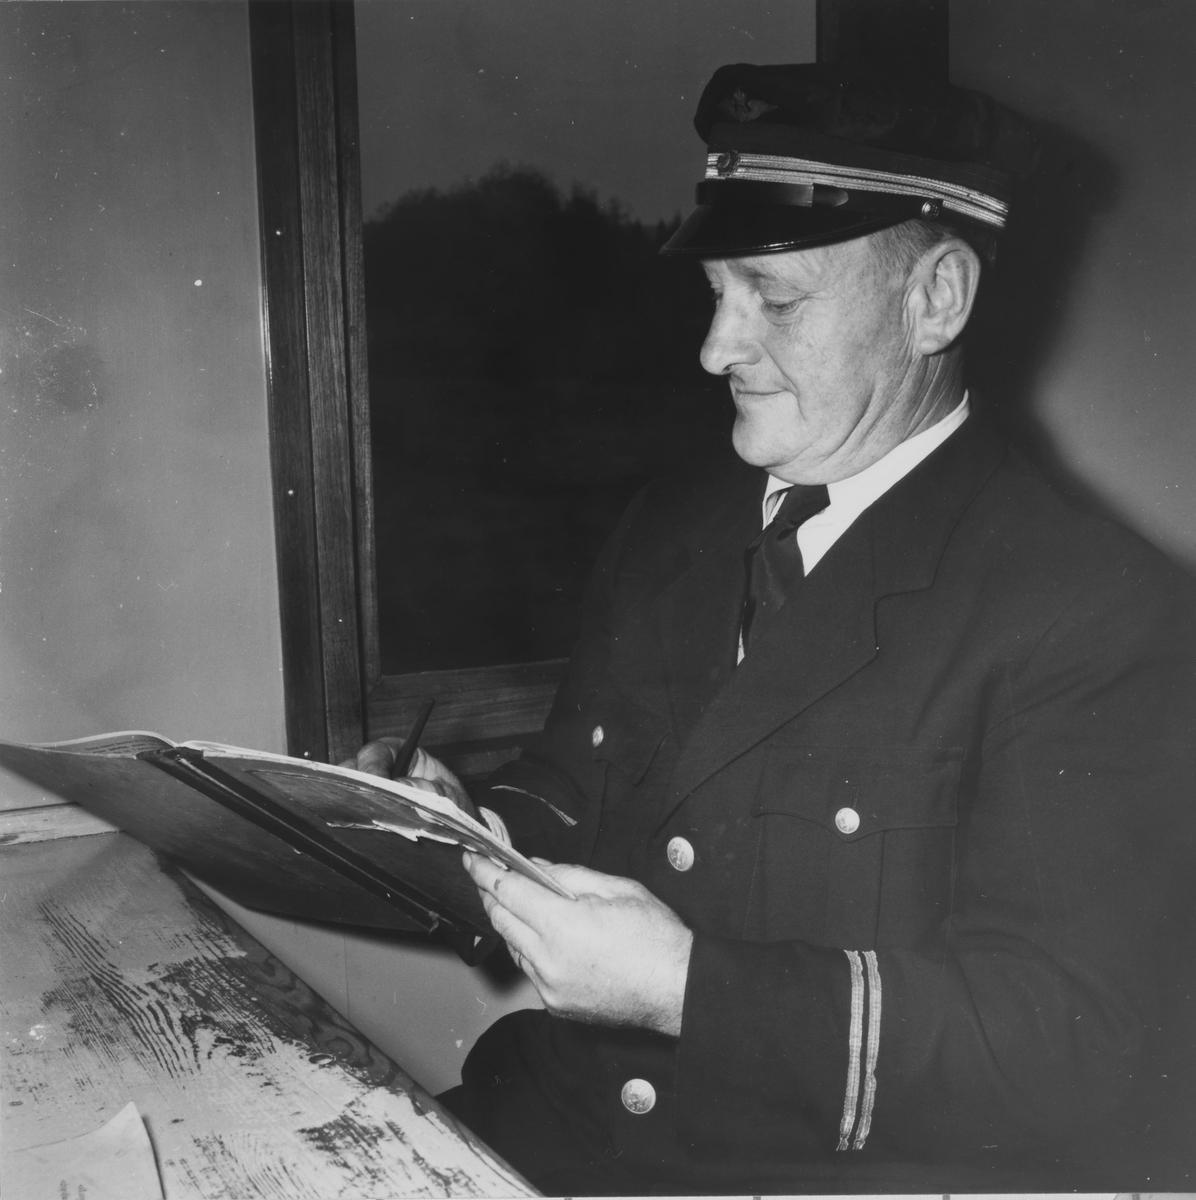 Overkonduktør Rolf Ødegård i tjenestekupeen i konduktørvognen.